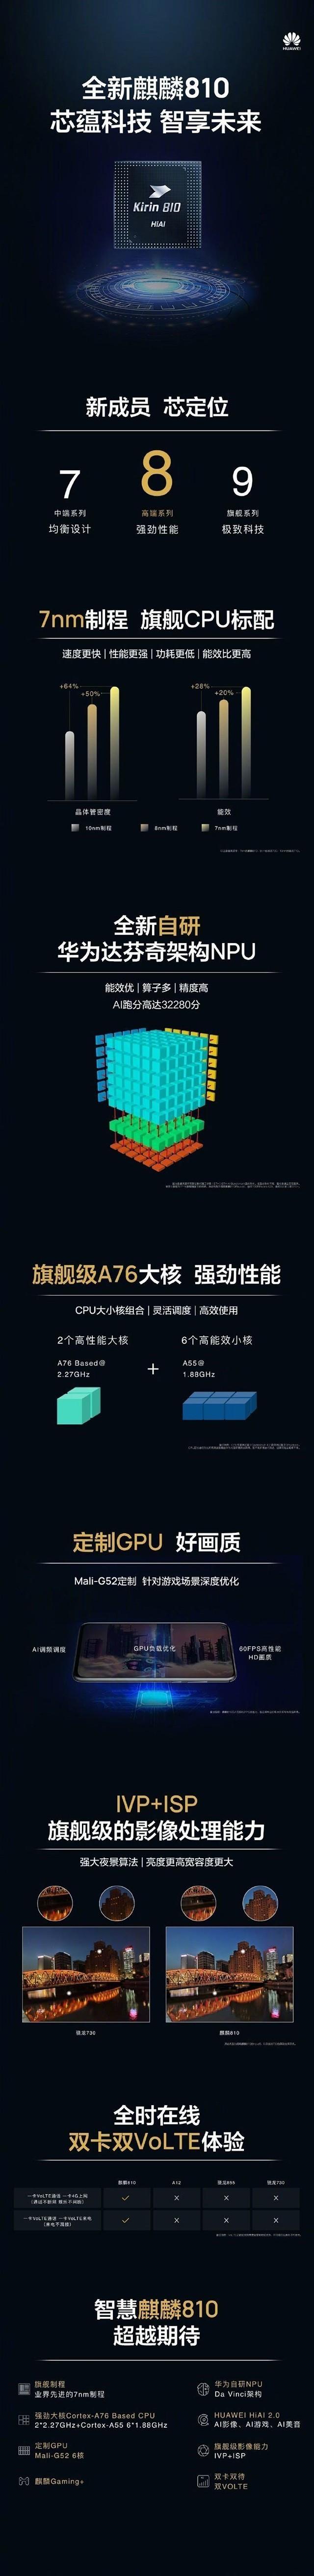 荣耀9X确认搭载麒麟810 自研达芬奇架构NPU(待审)